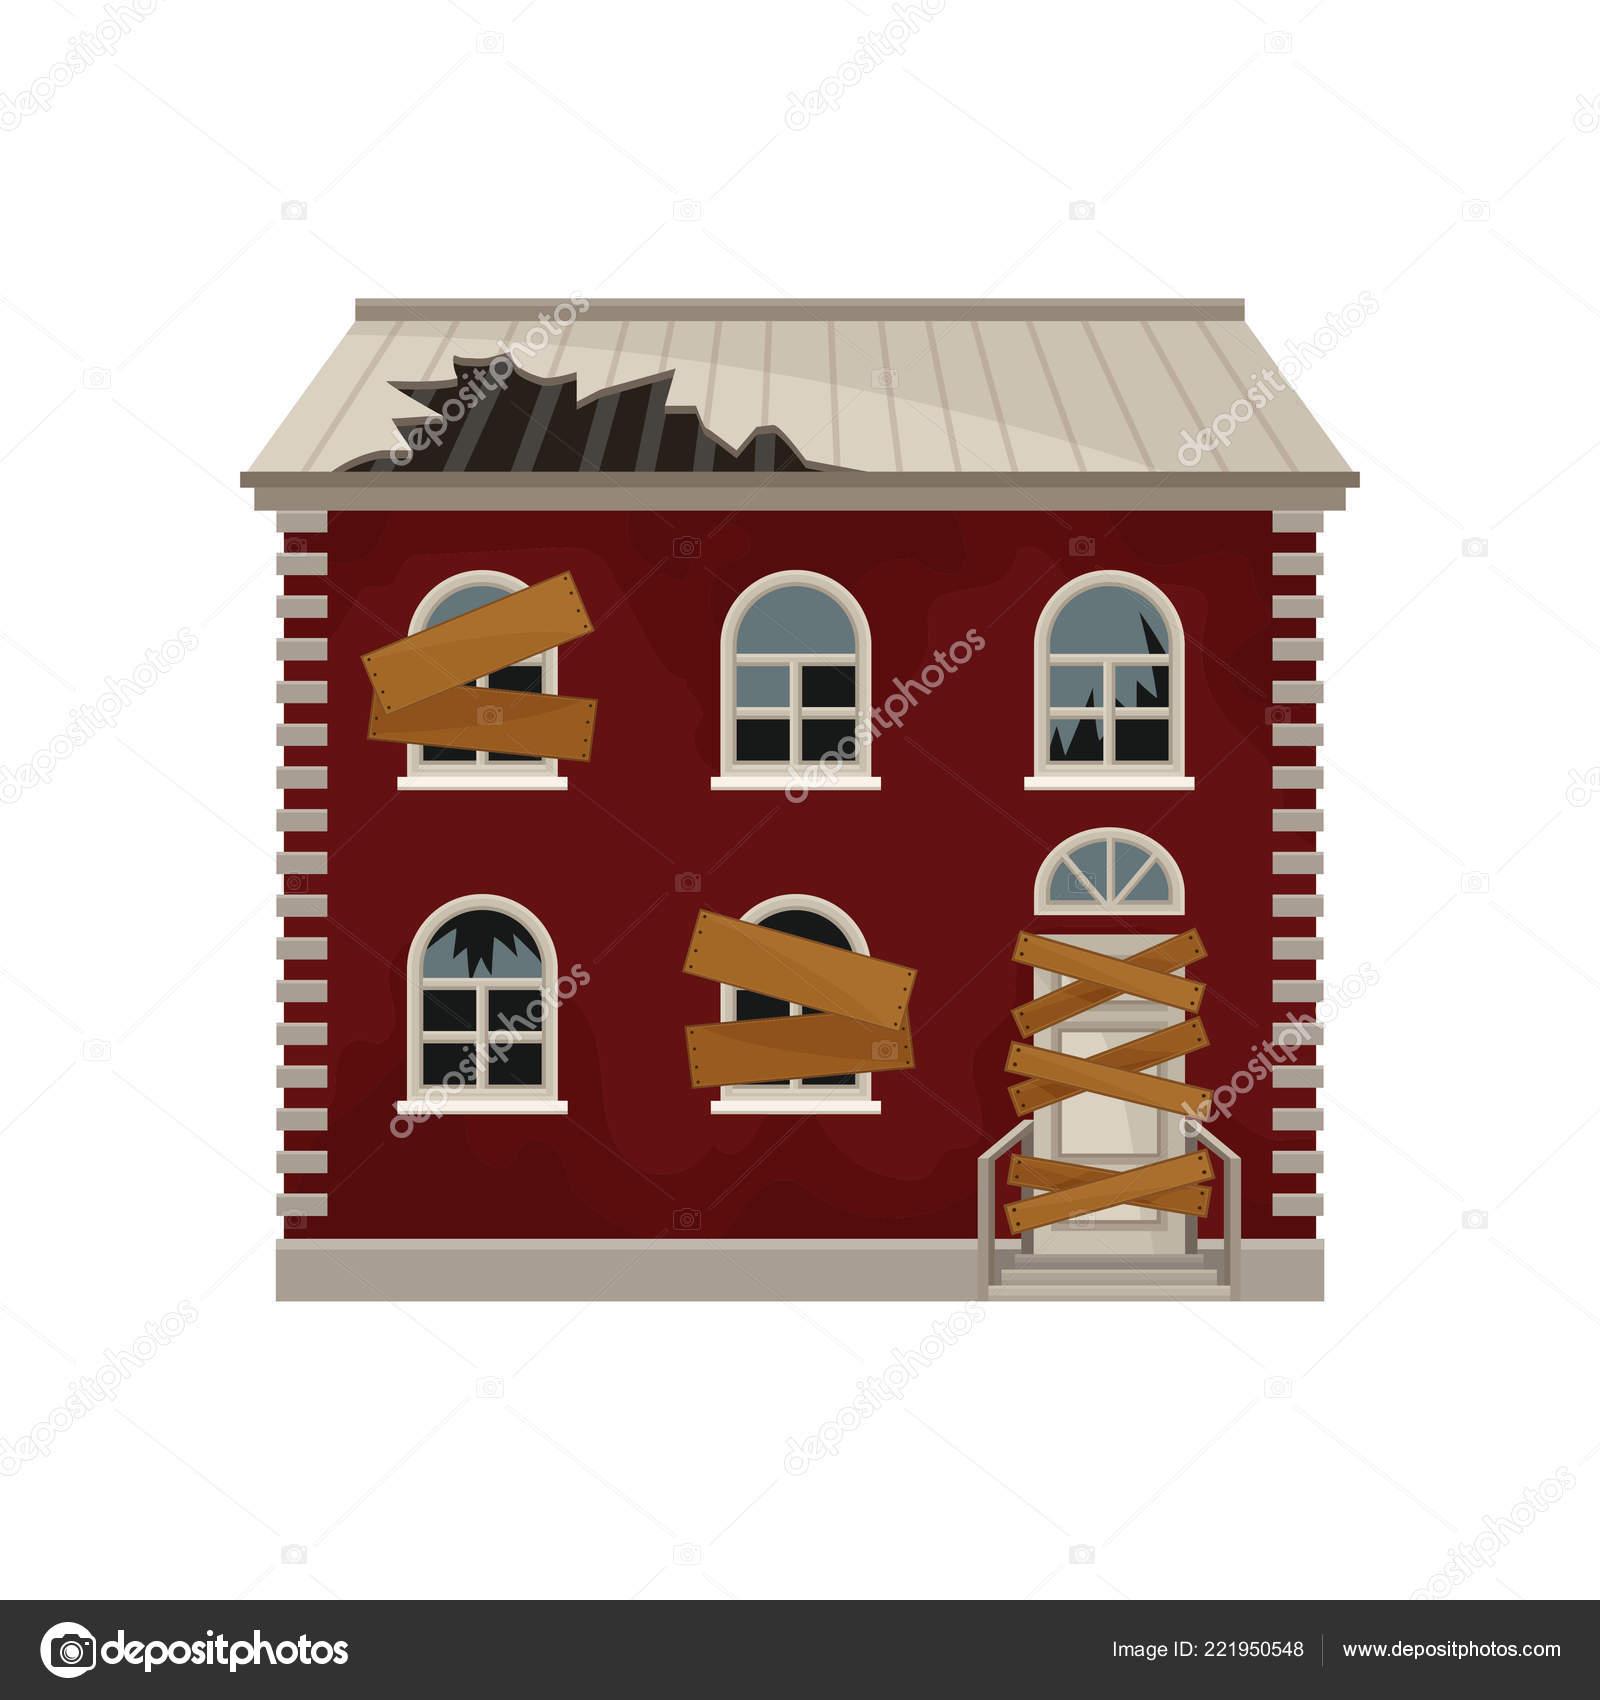 Icône de dessin animé de la vieille maison rouge avec toit brisé barricadé les portes et fenêtres bâtiment de deux étages façade de la grande maison